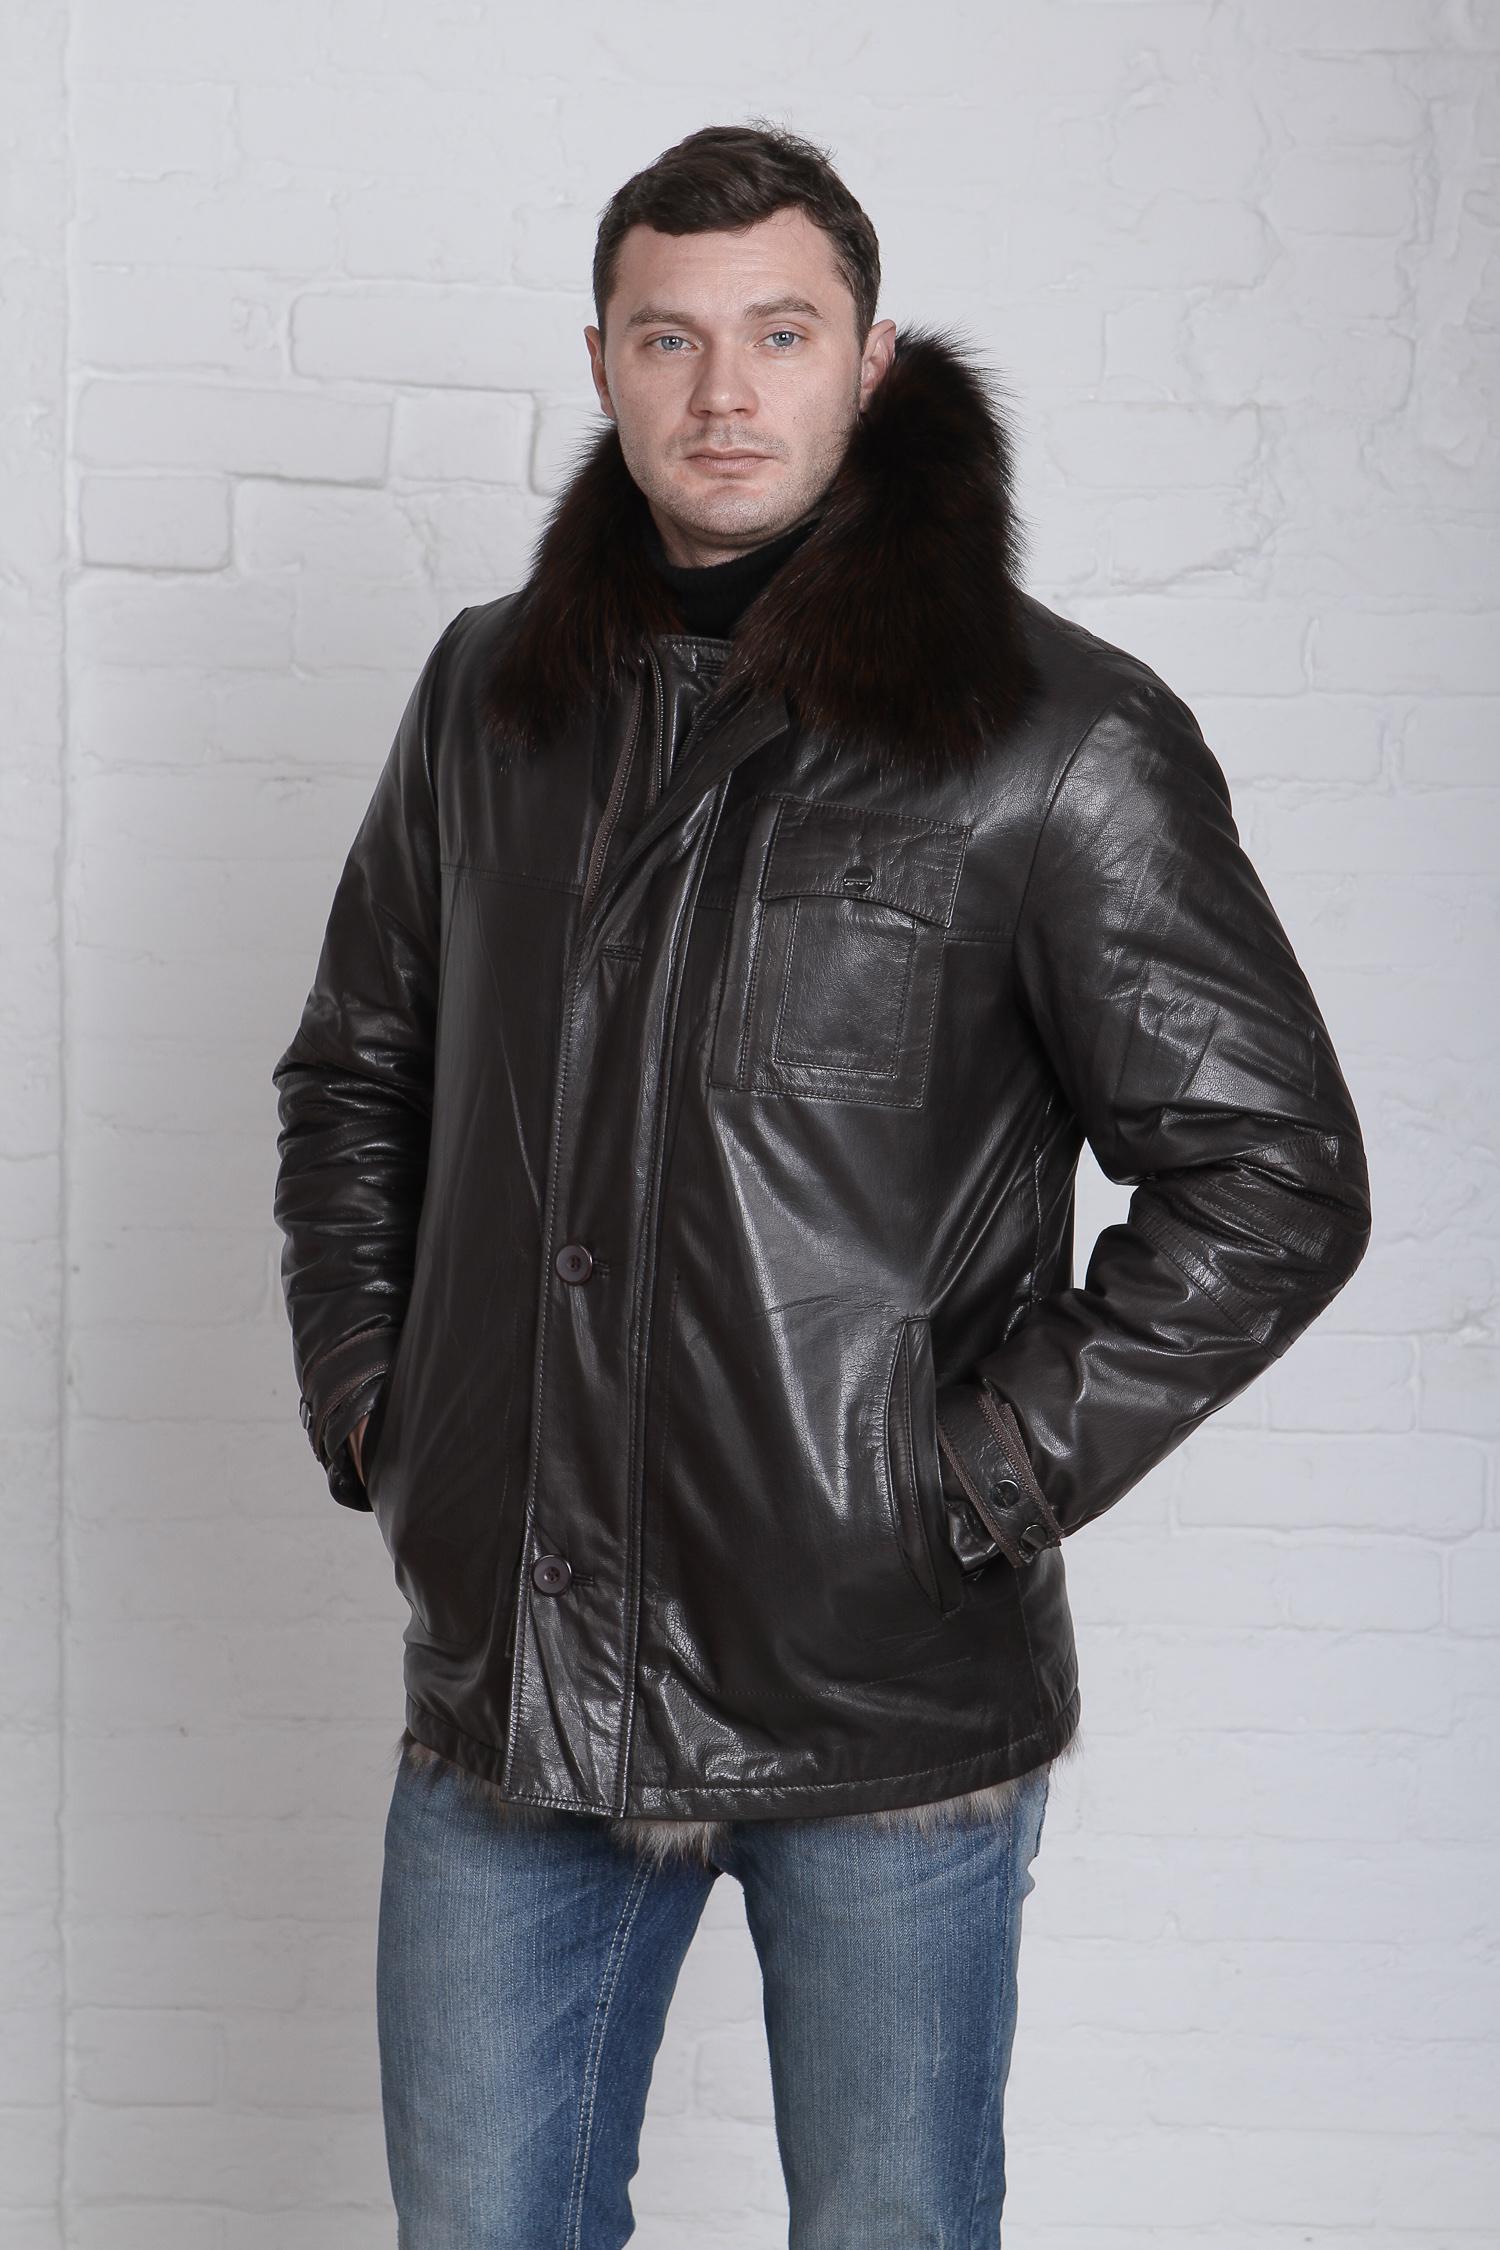 Мужская кожаная куртка из натуральной кожи на меху с воротником, отделка чернобурка